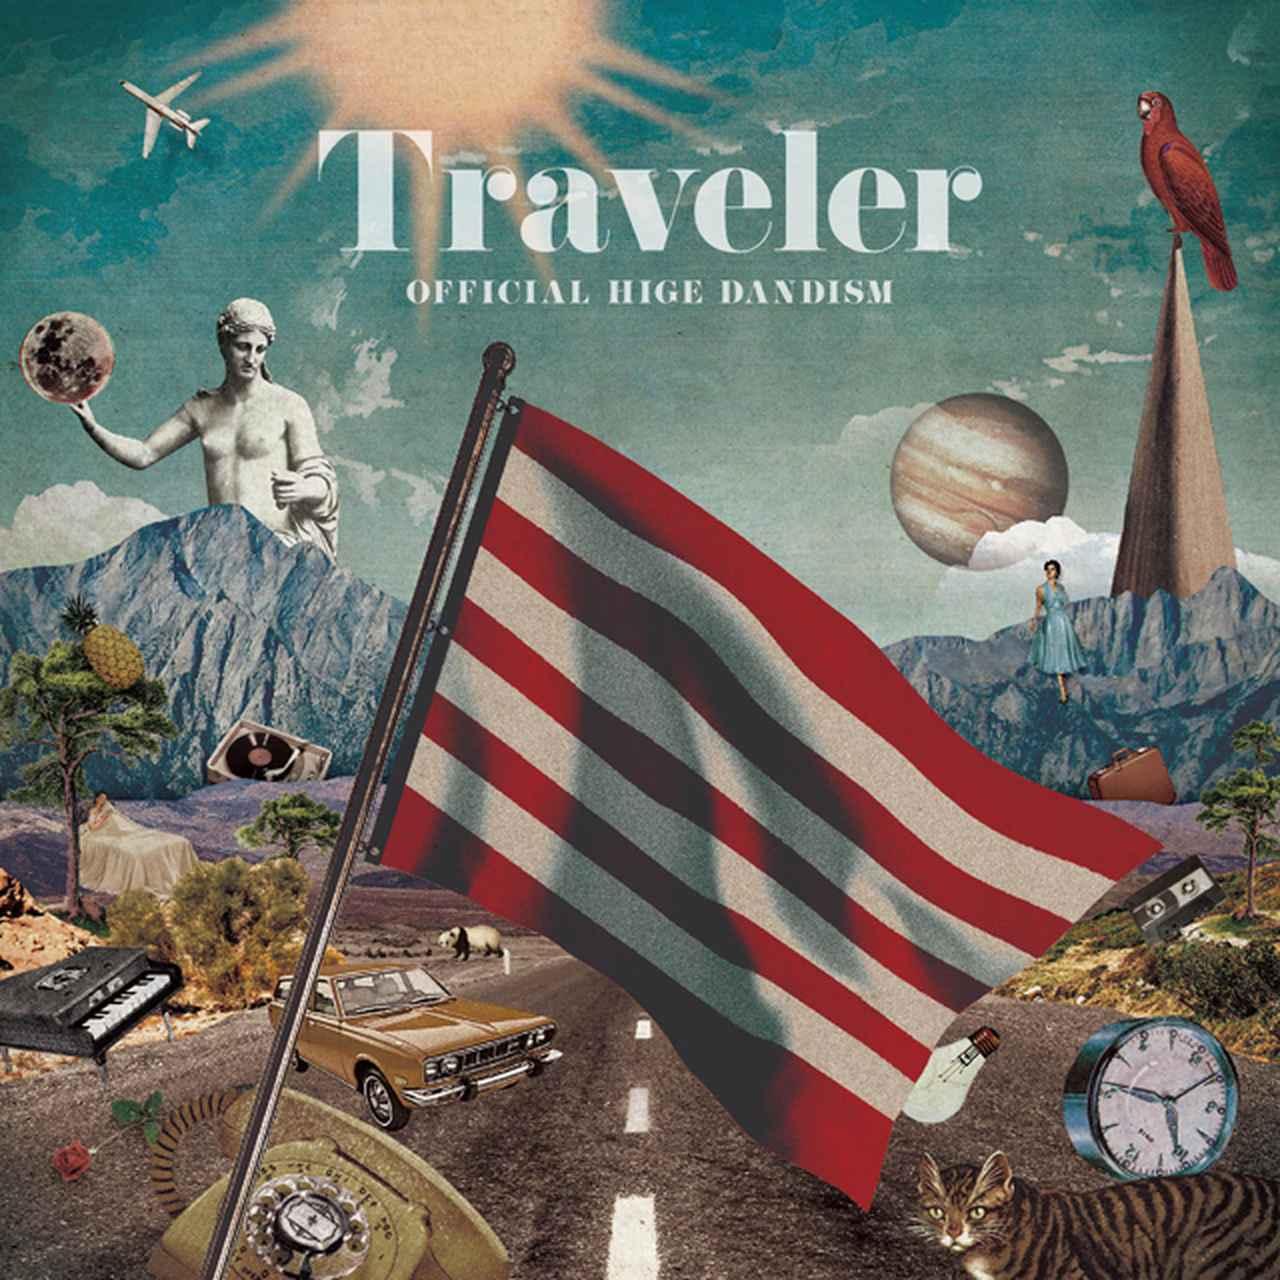 画像: Traveler/Official髭男dism